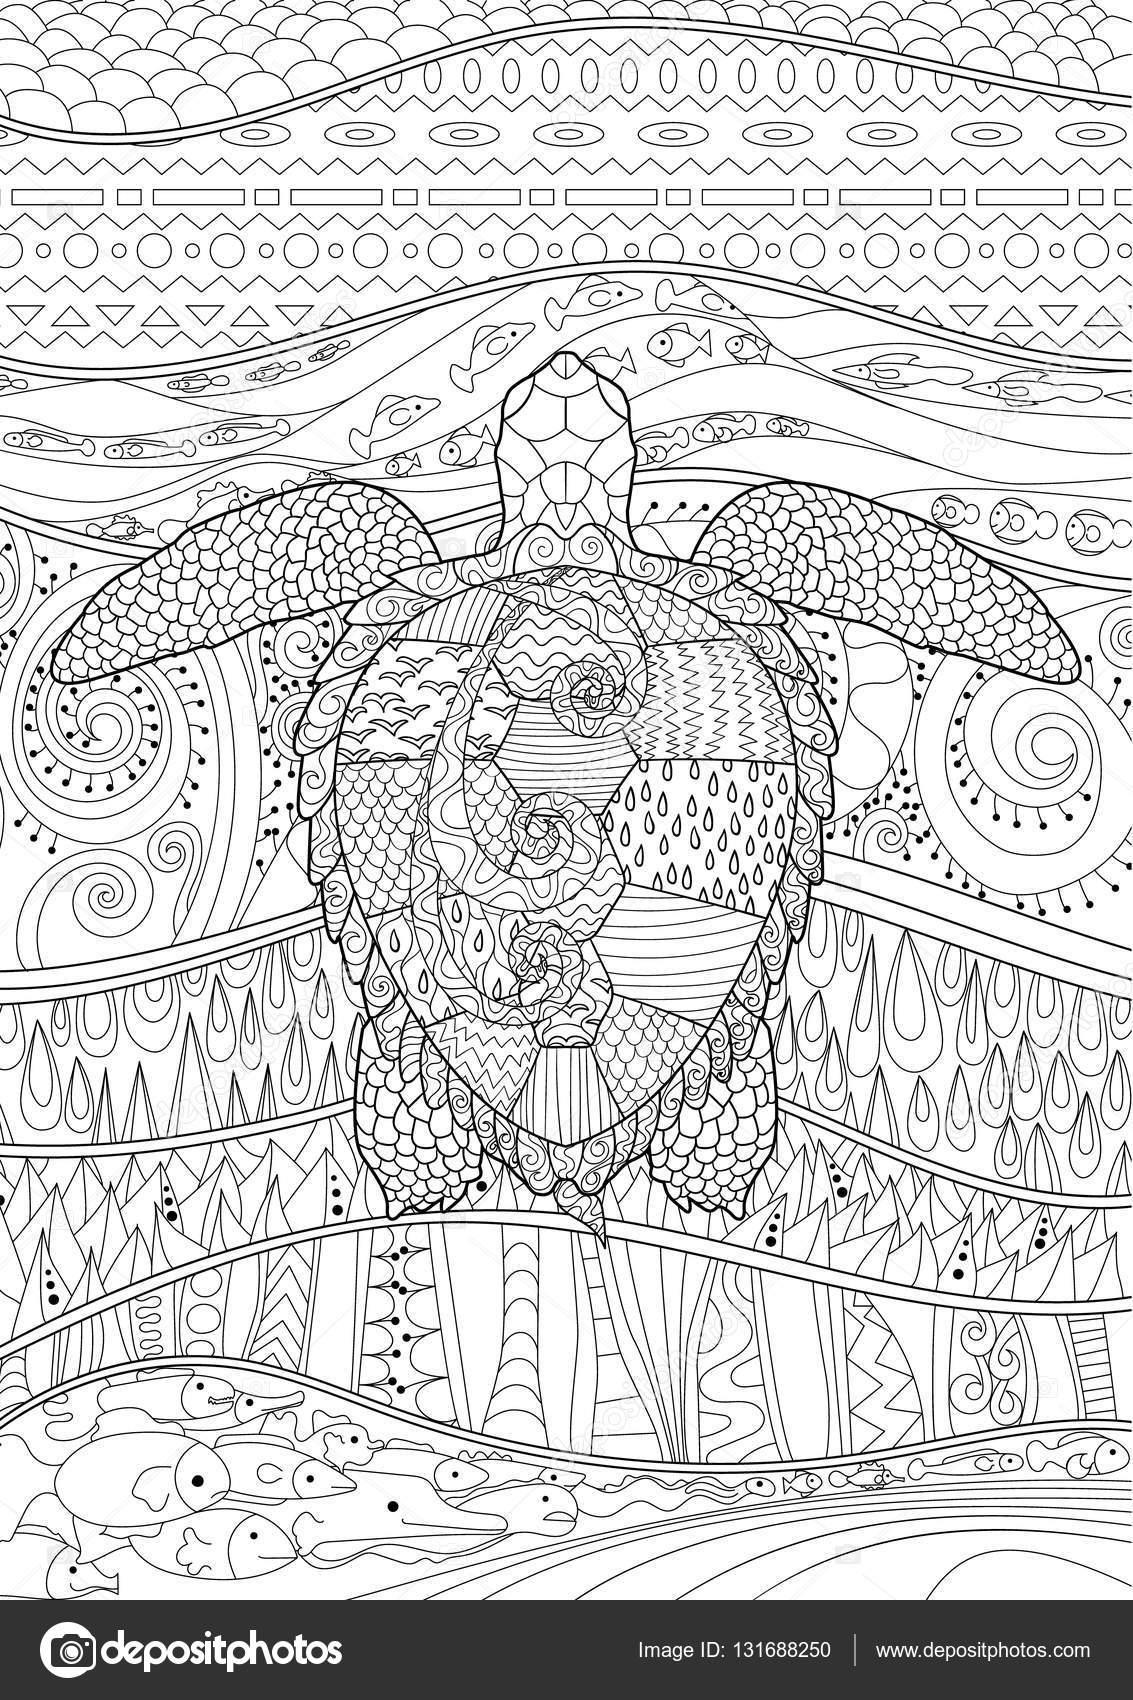 Piscina tortuga con alto detalles dibujados a mano — Vector de stock ...